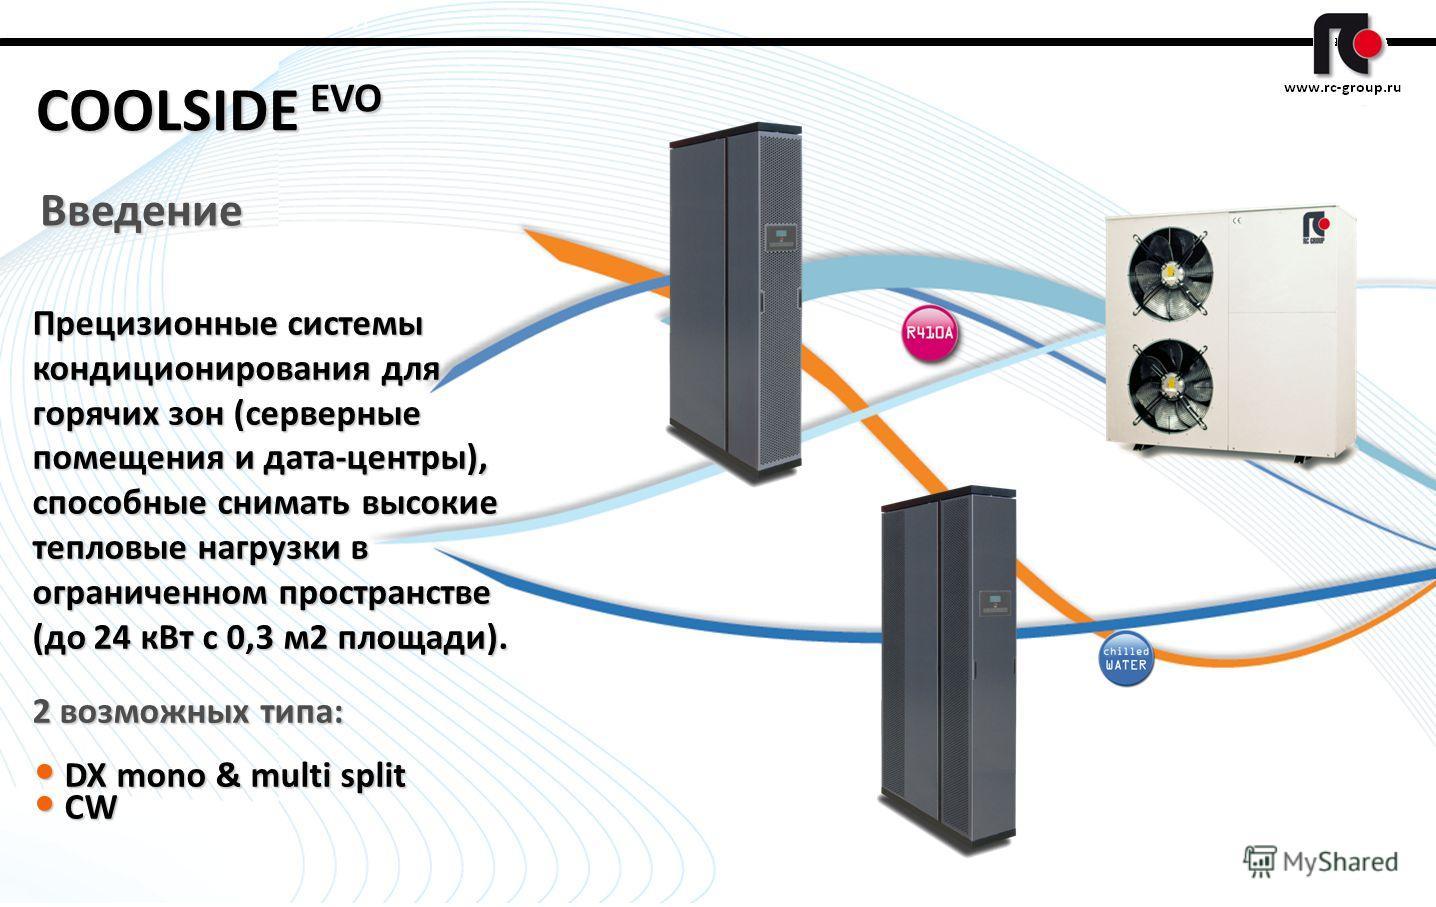 1 COOLSIDE EVO Введение Прецизионные системы кондиционирования для горячих зон (серверные помещения и дата-центры), способные снимать высокие тепловые нагрузки в ограниченном пространстве (до 24 кВт с 0,3 м2 площади). 2 возможных типа: DX mono & mult